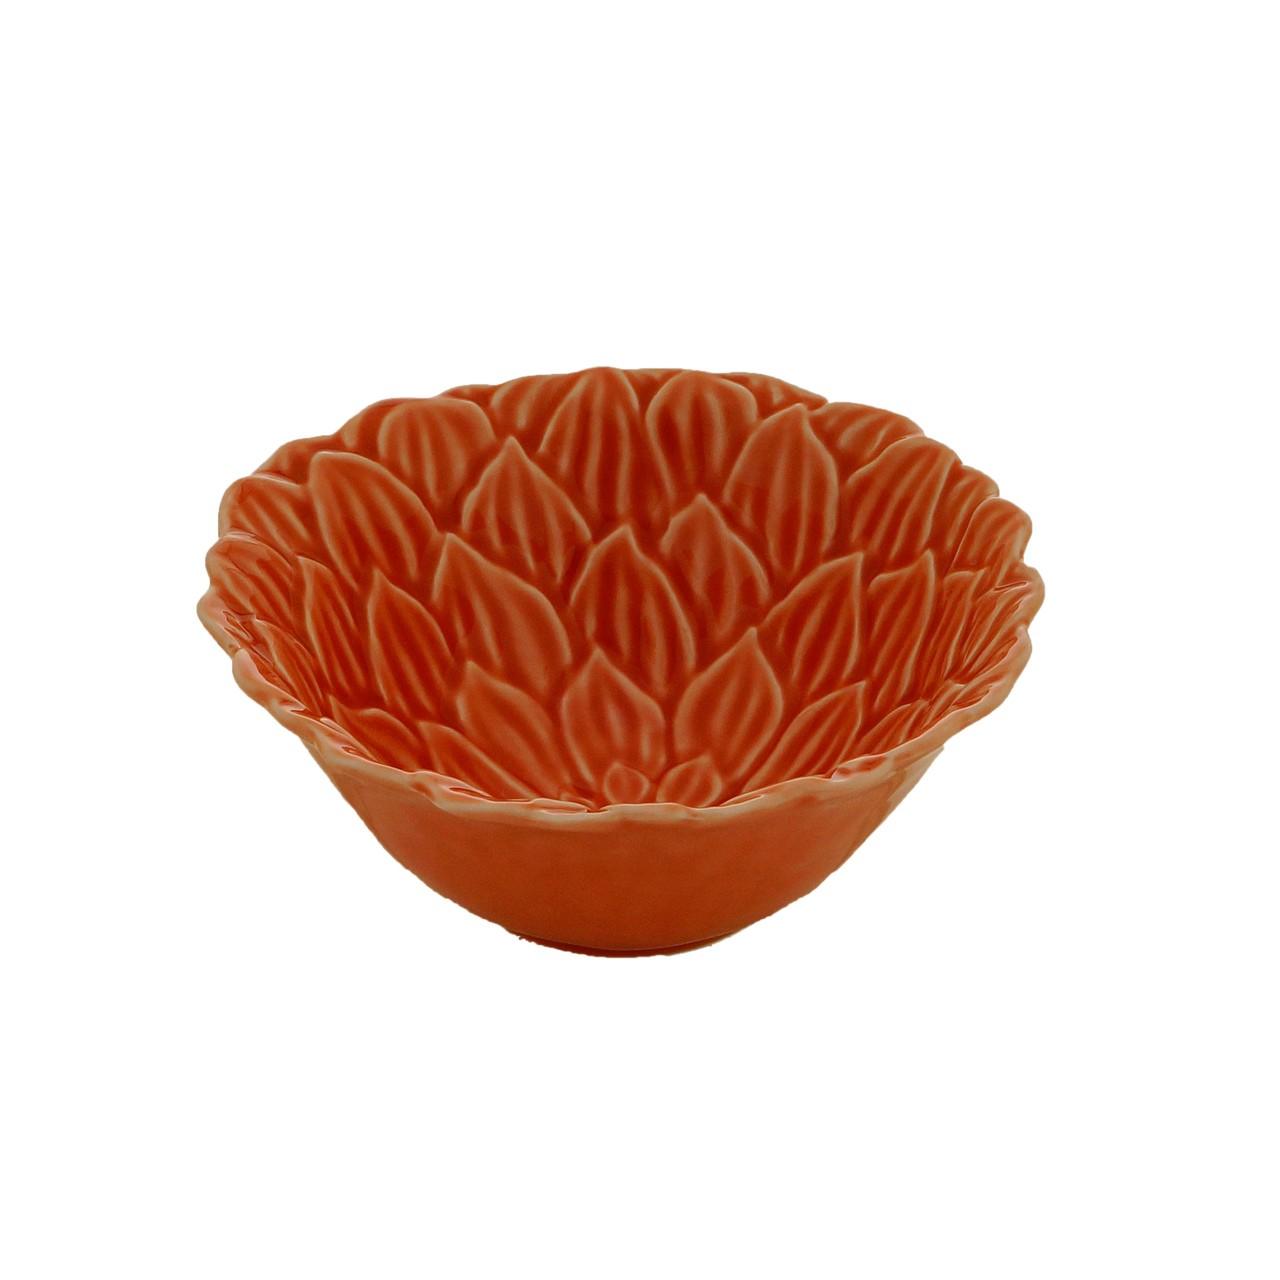 Bowl 14 x 6 cm de porcelana coral Daisy Wolff - 27746